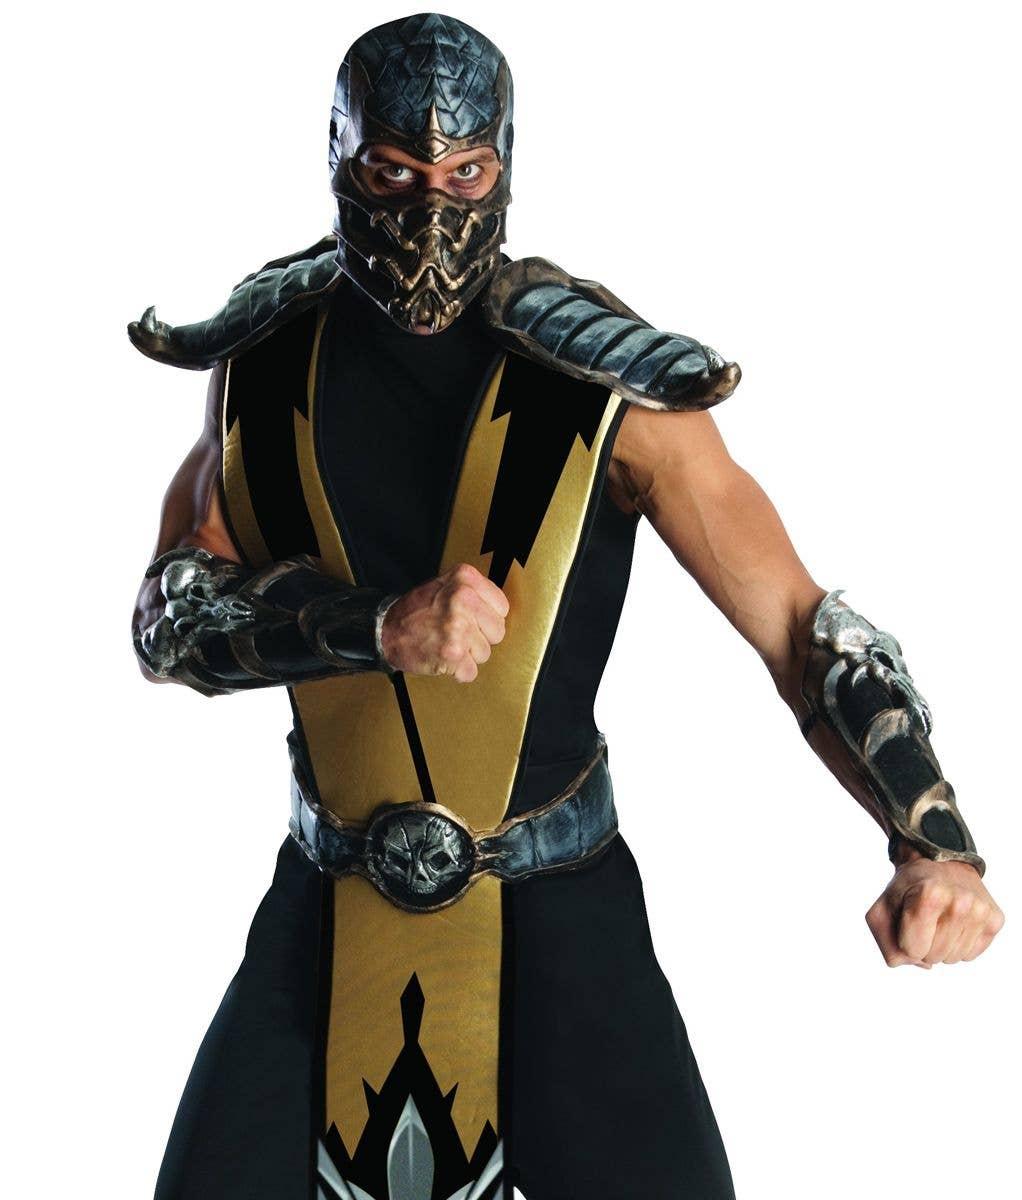 Scorpion Mortal Kombat Men's Costume | Gaming Character Costume